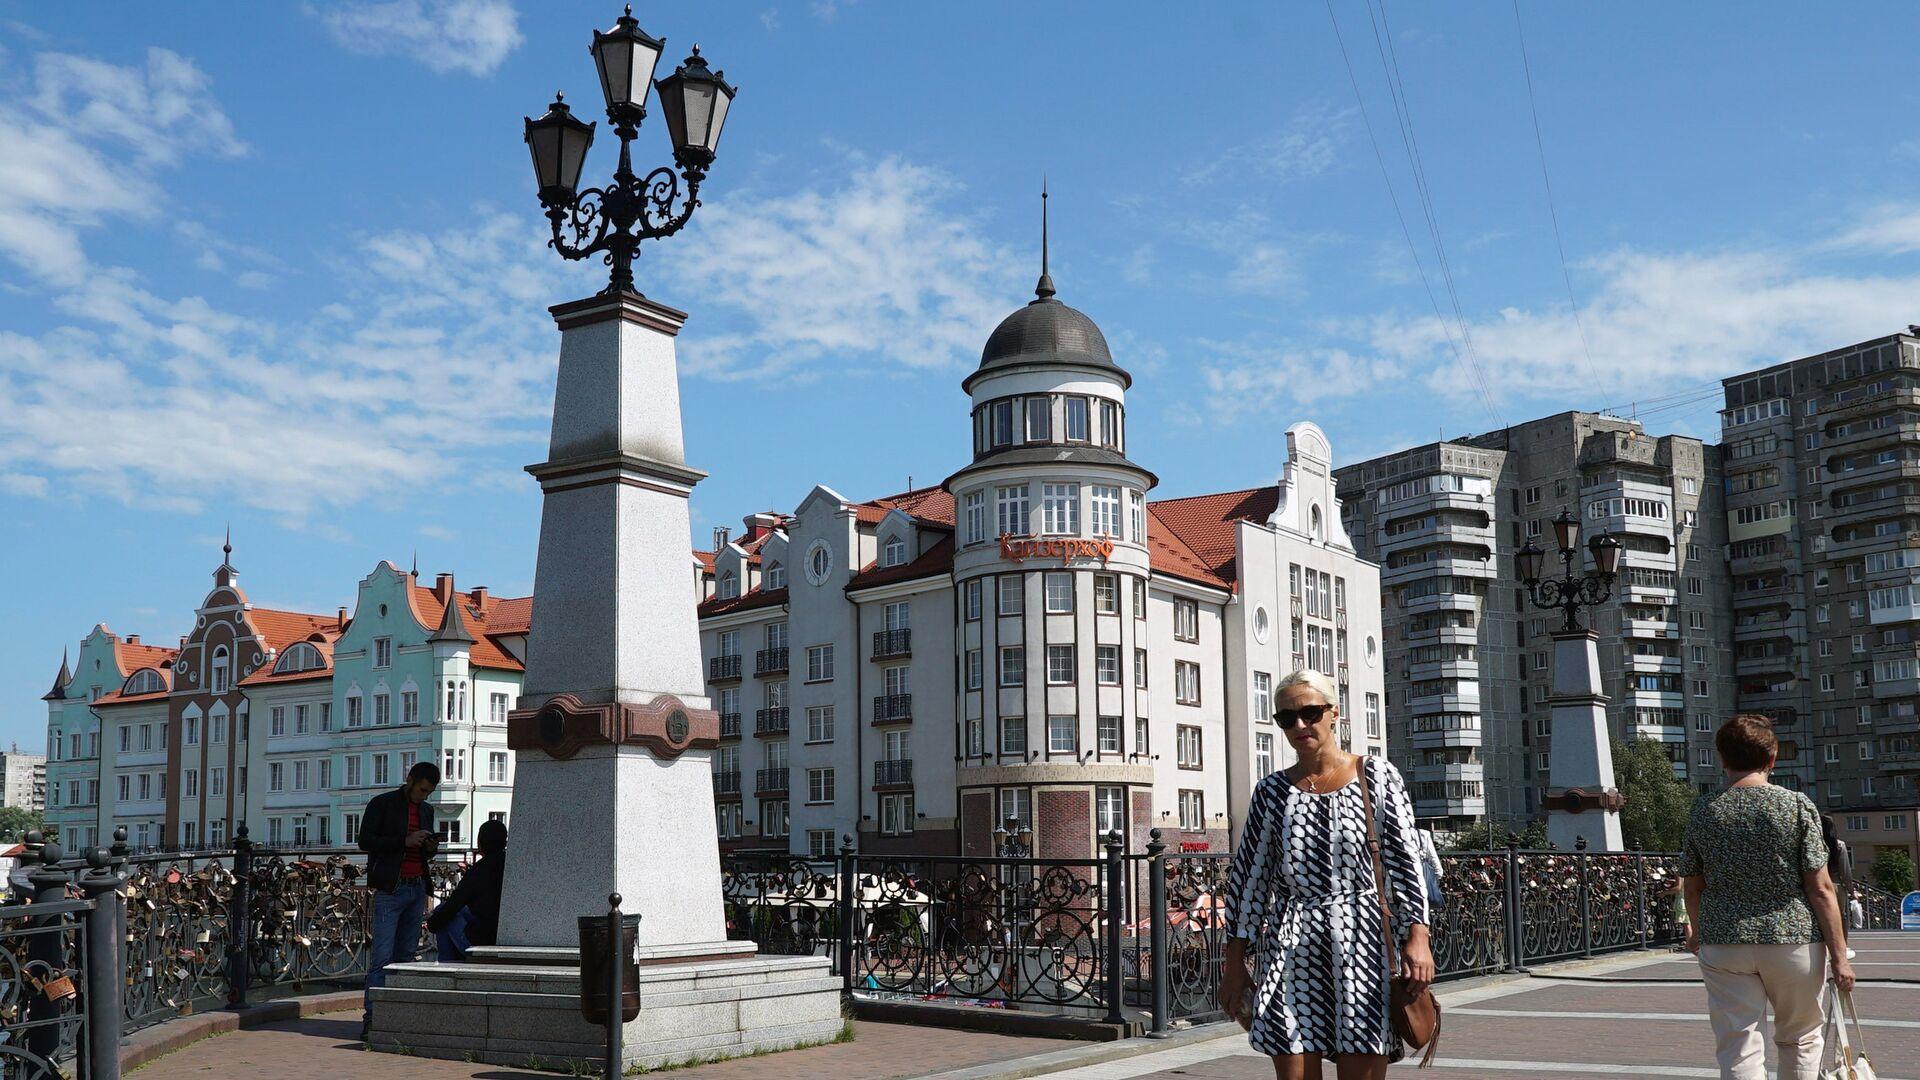 Прохожие на мосту в городском квартале Рыбная деревня в Калининграде - РИА Новости, 1920, 01.07.2021